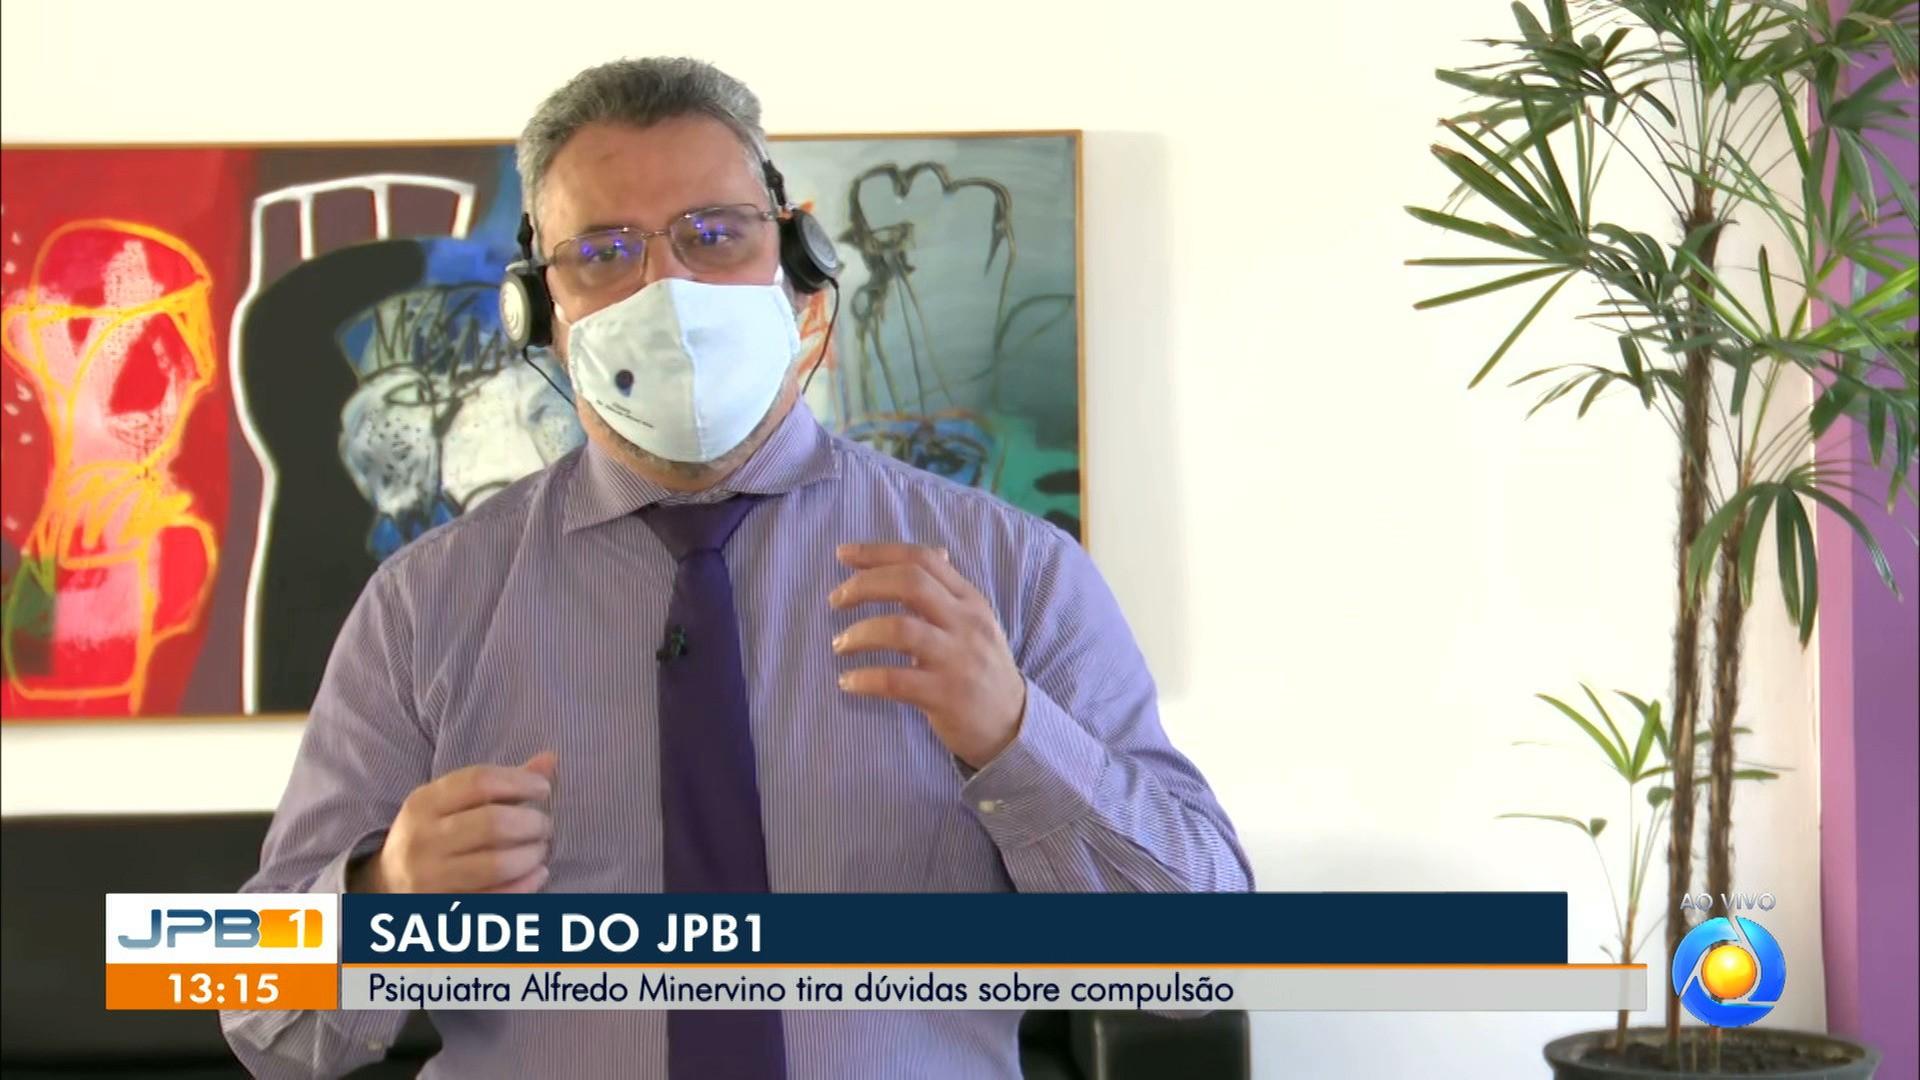 VÍDEOS: JPB1 desta terça-feira, 7 de julho